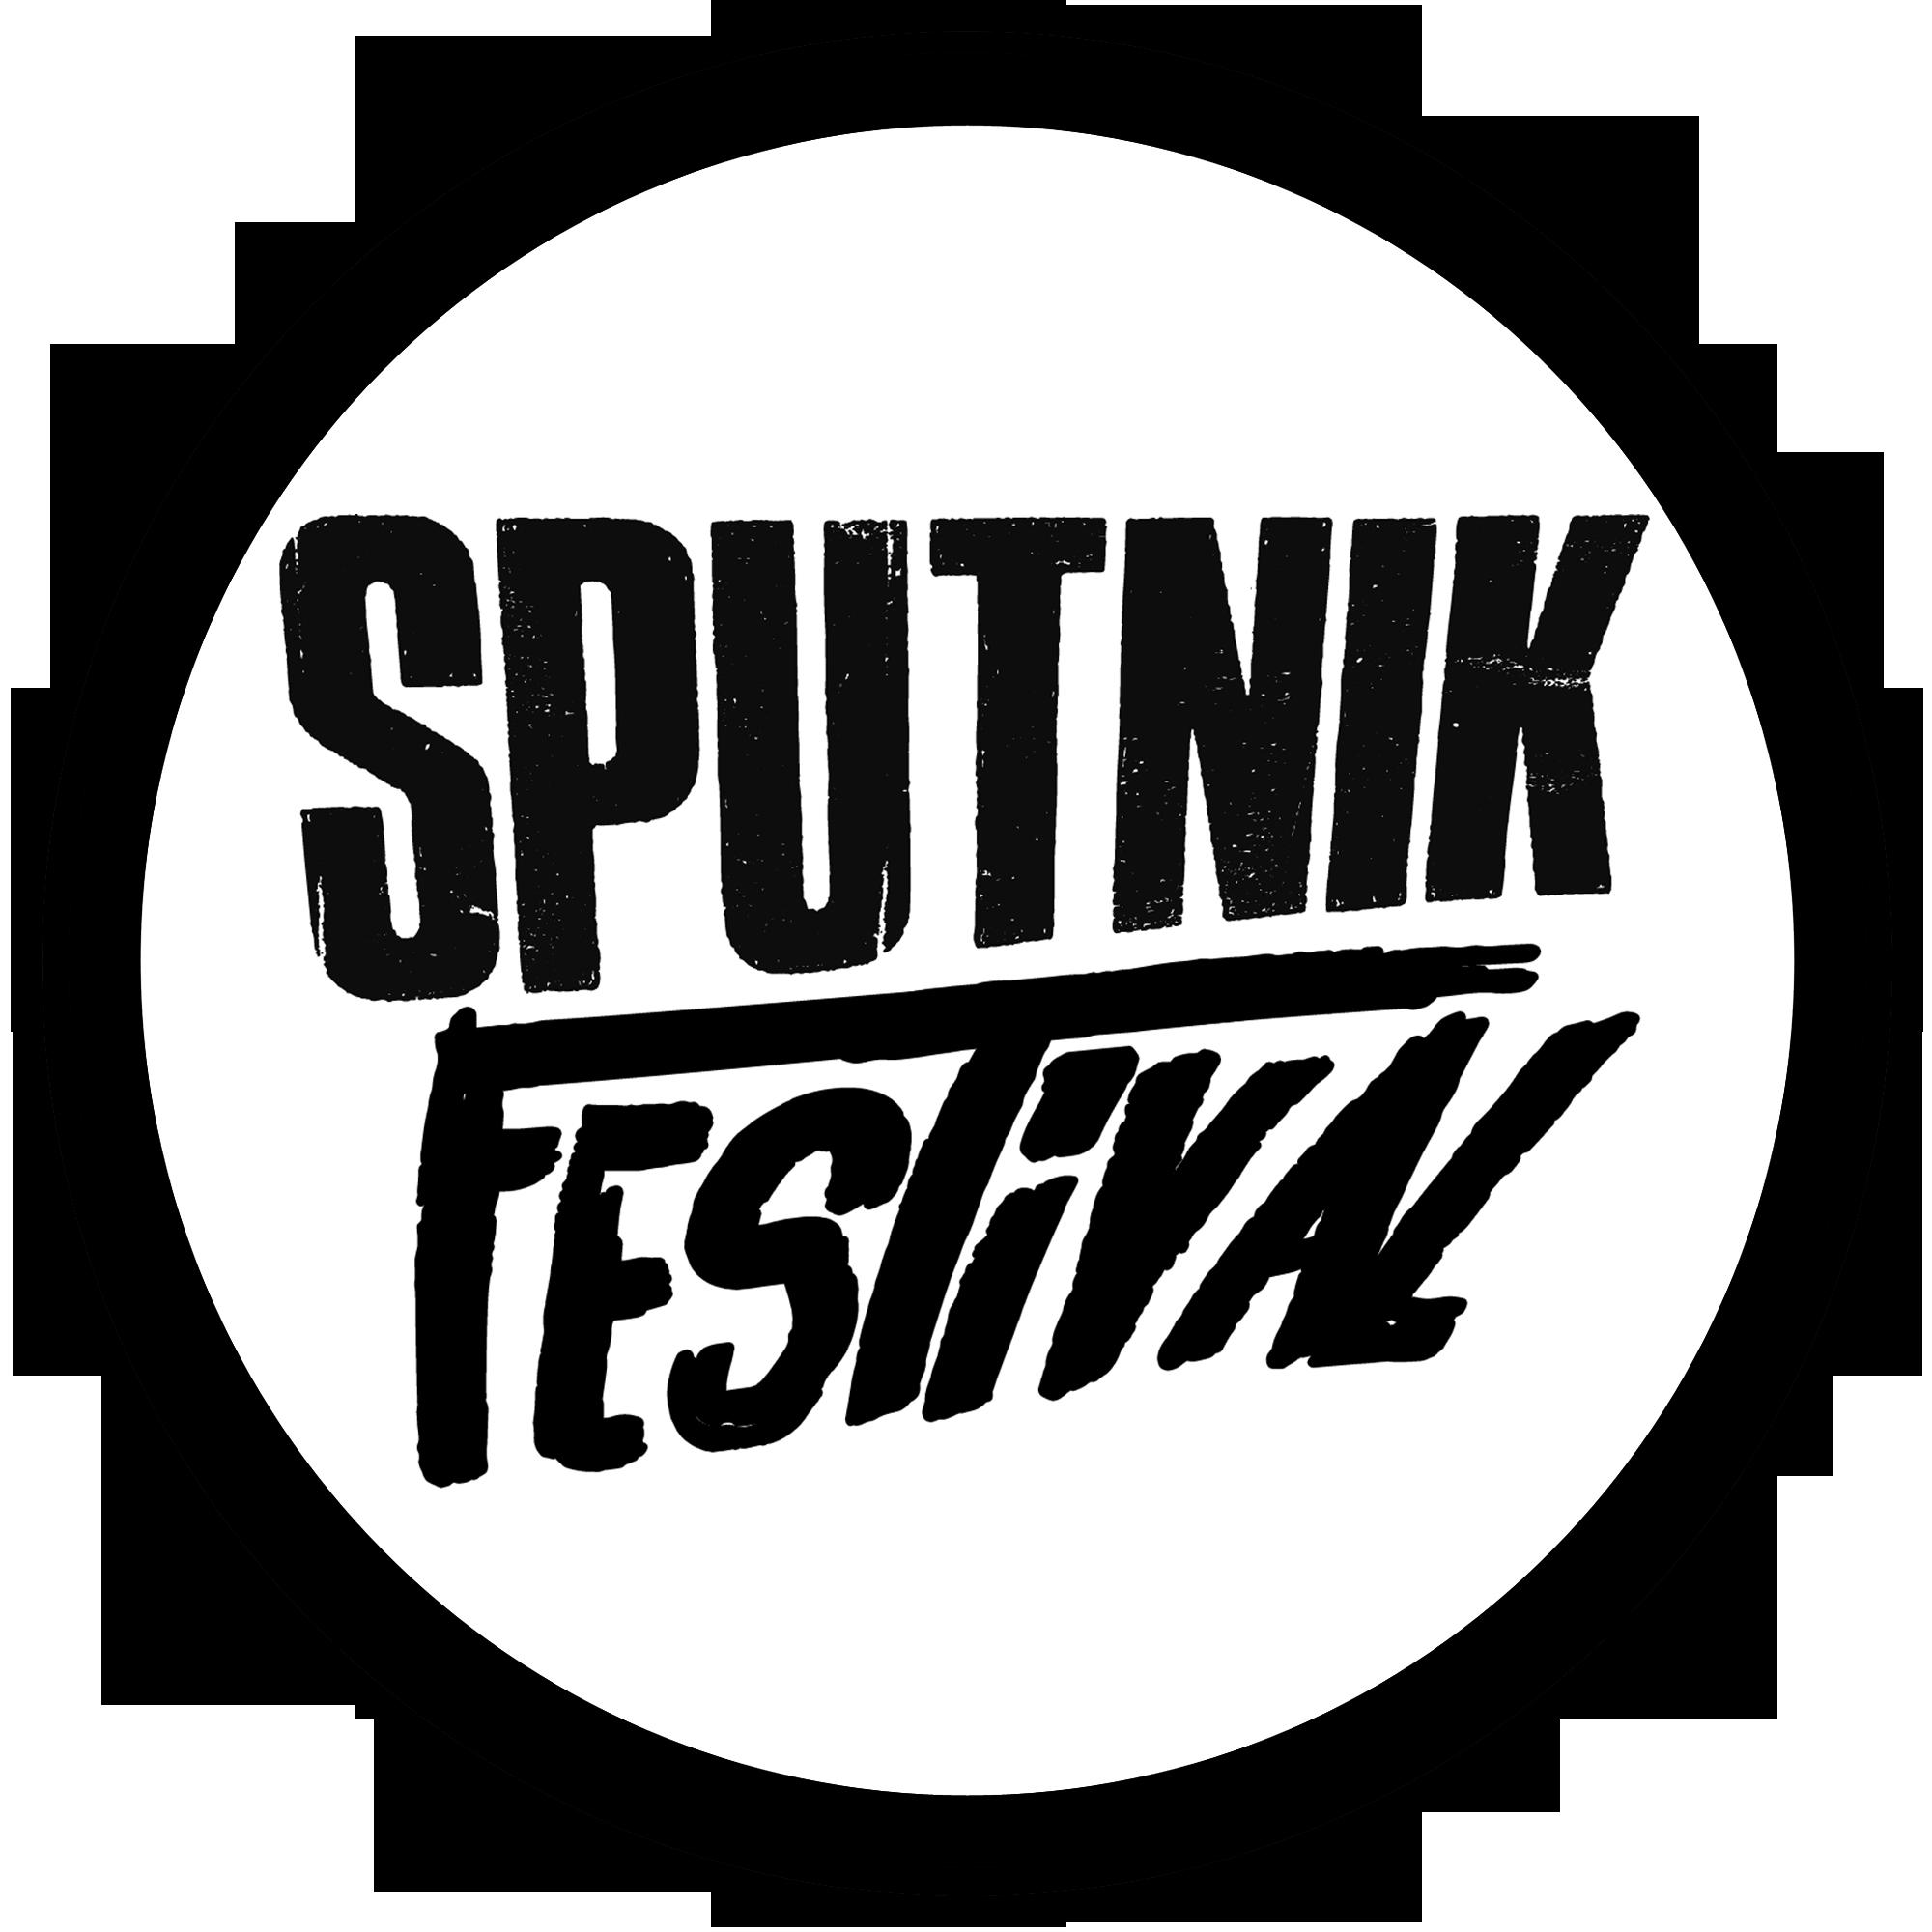 sputnikfestival.it